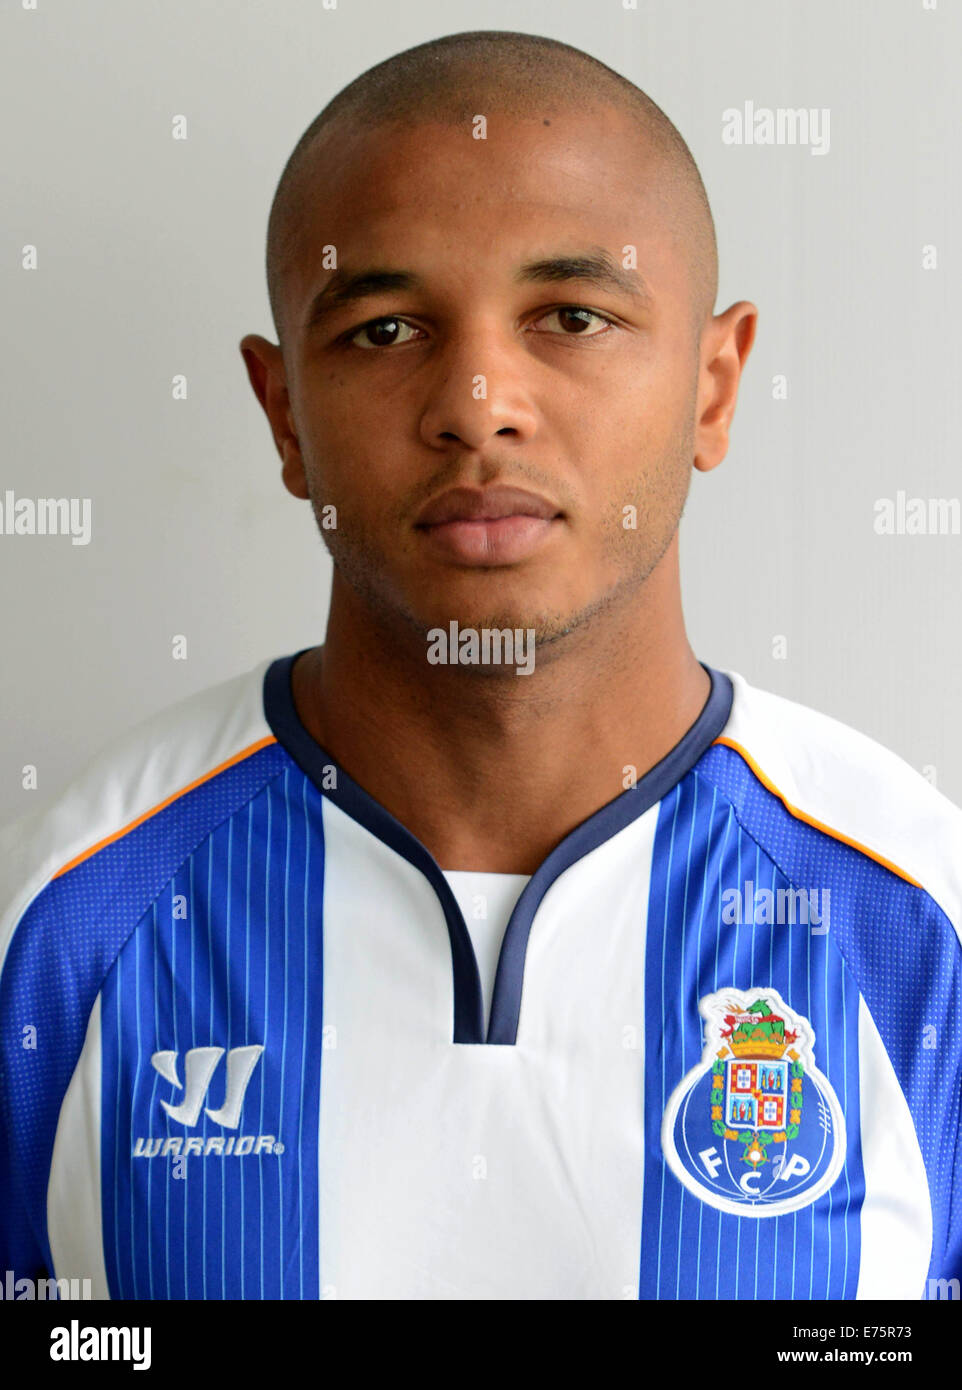 Portugal Primera Liga Zon Sagres 2014 2015 Yacine Brahimi